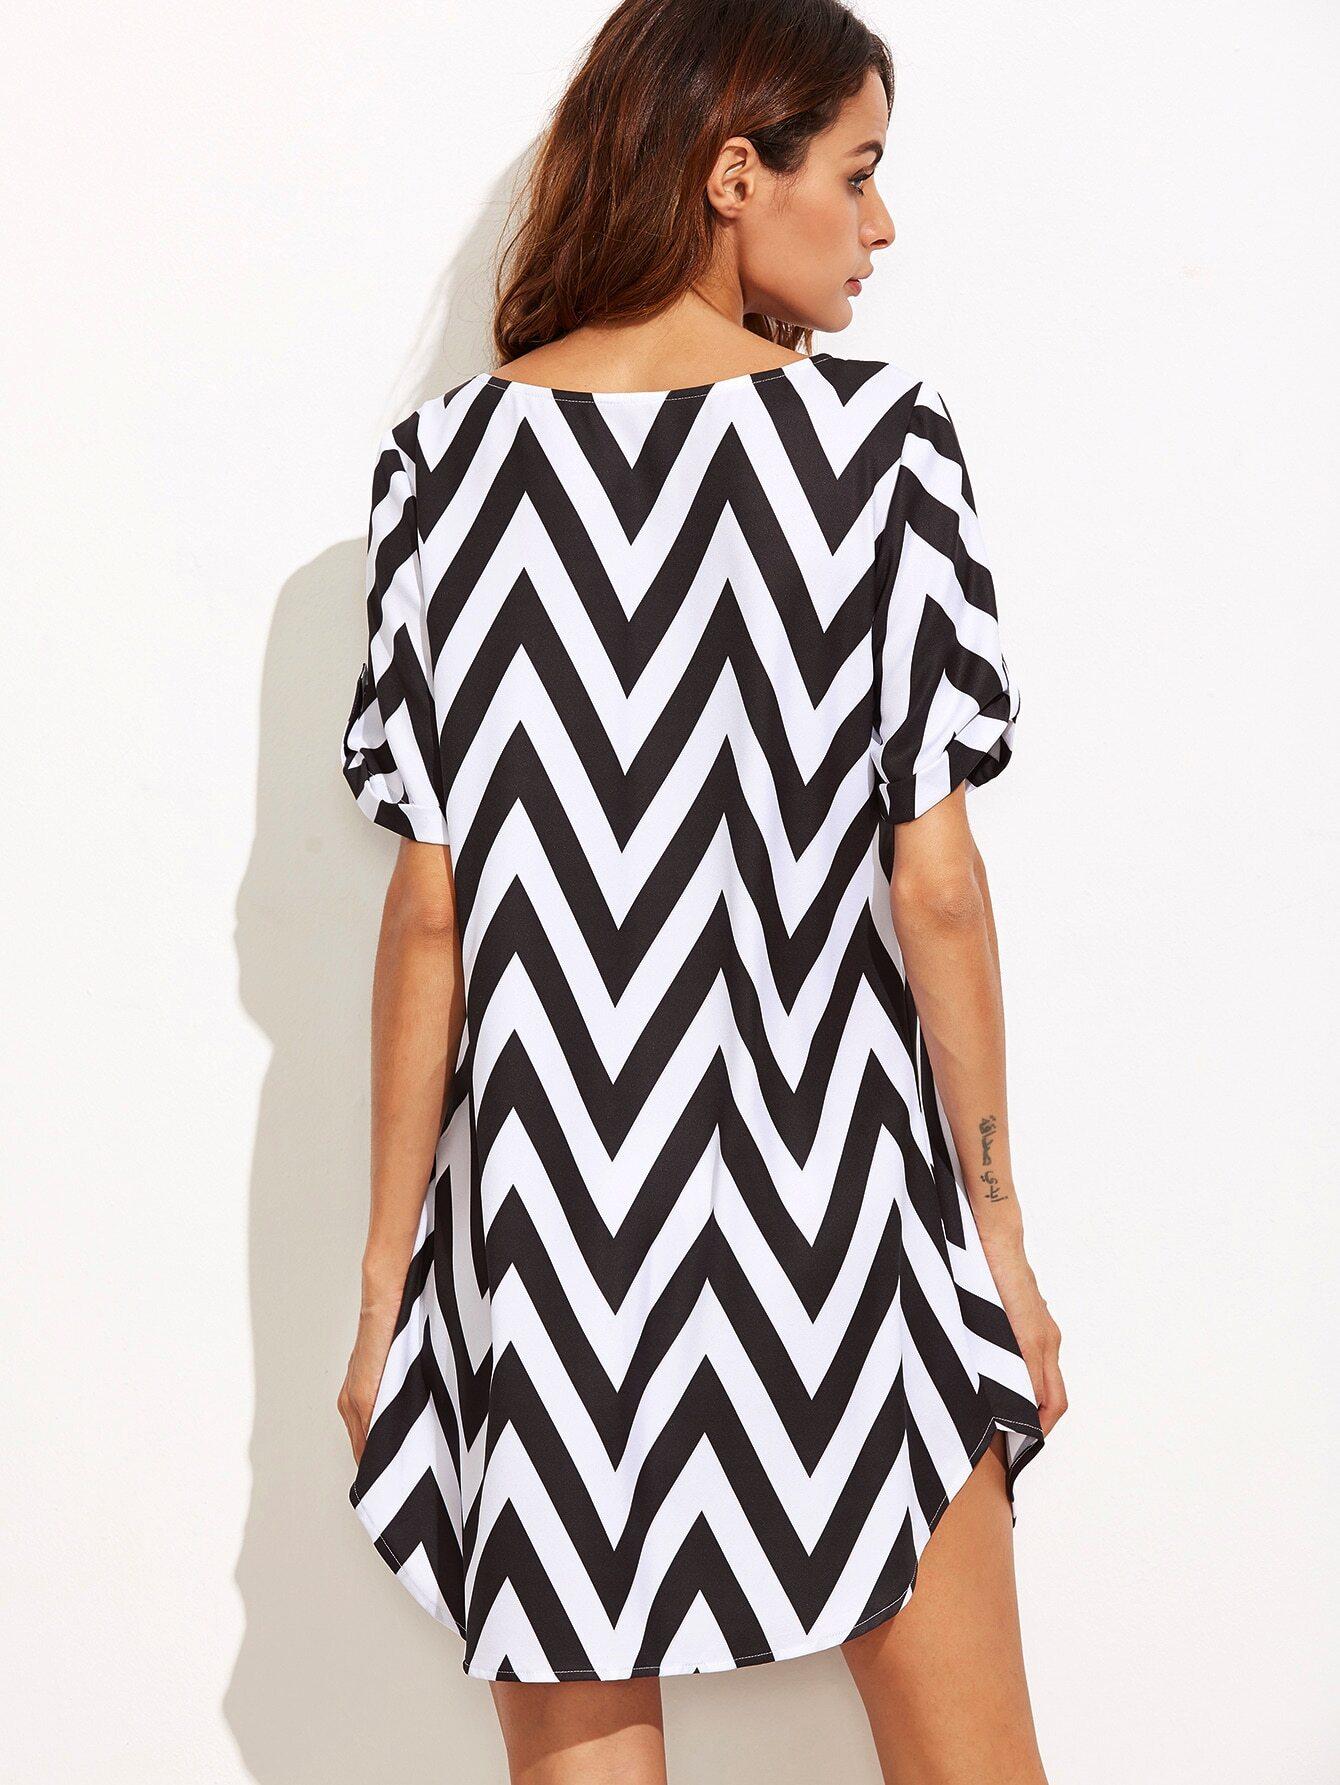 dress160908502_2